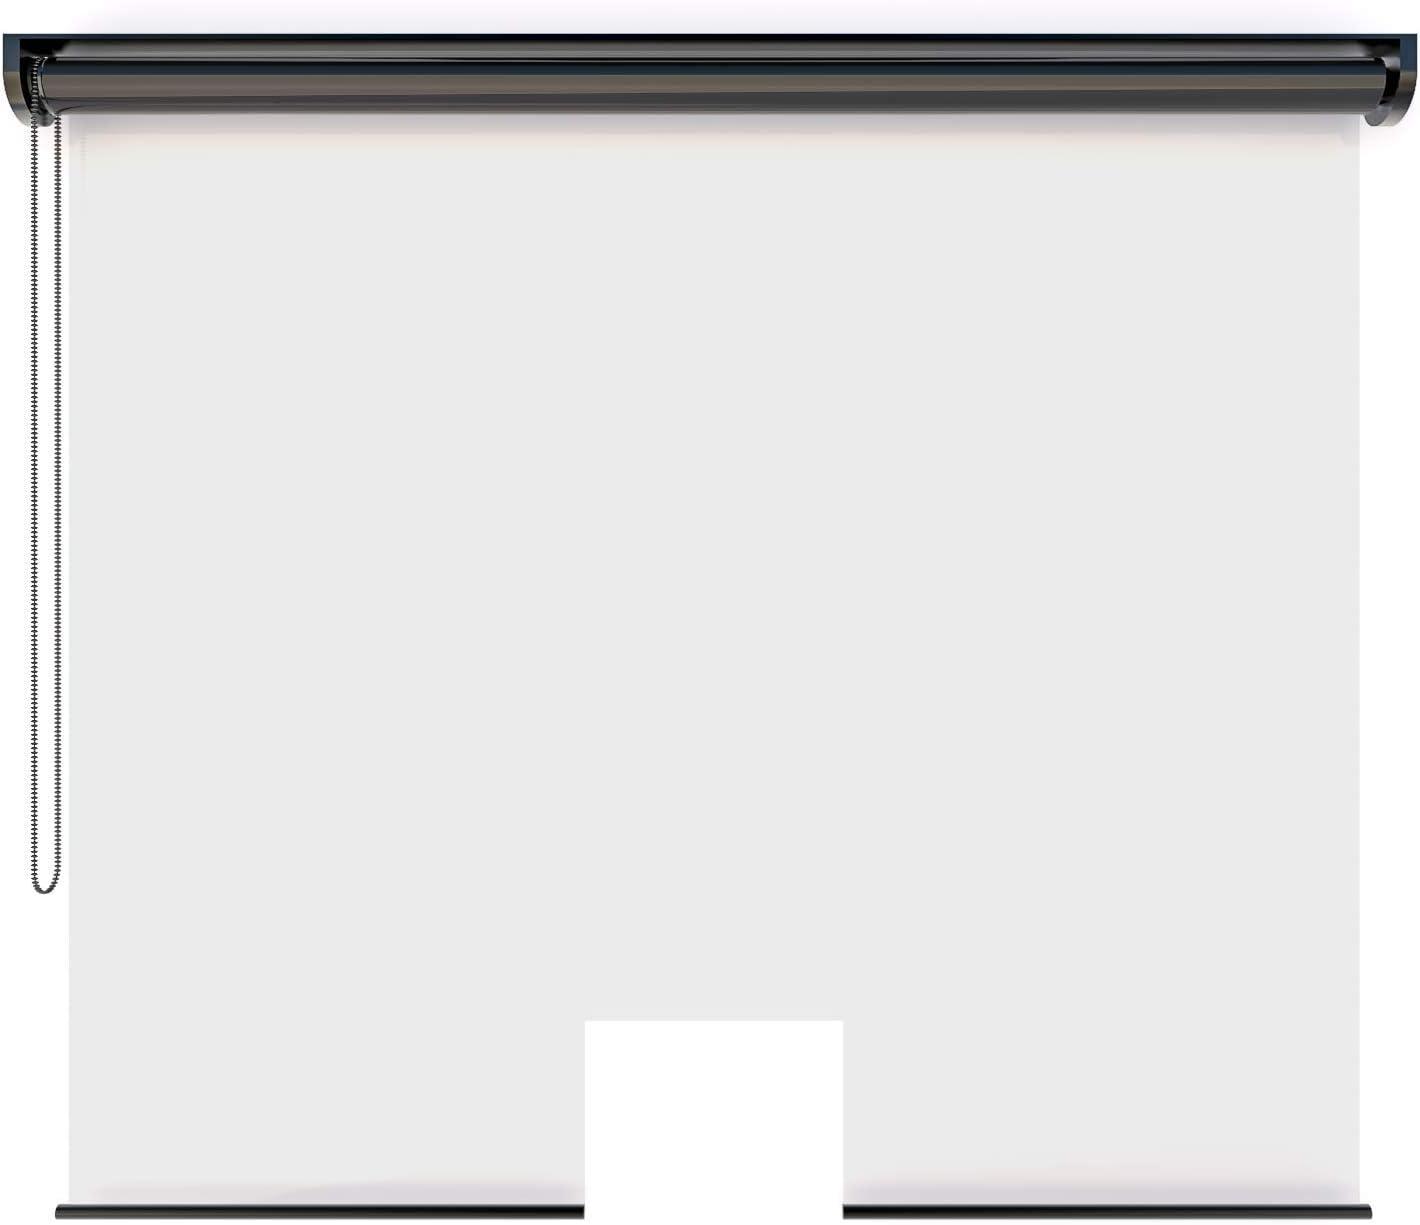 Decorestor Mampara Protectora Enrollable A Medida, Desde 40 a 186 cm de Ancho. Protege y Moderniza tu Negocio. Mamparas para oficinas, Pantallas de protección: Amazon.es: Hogar